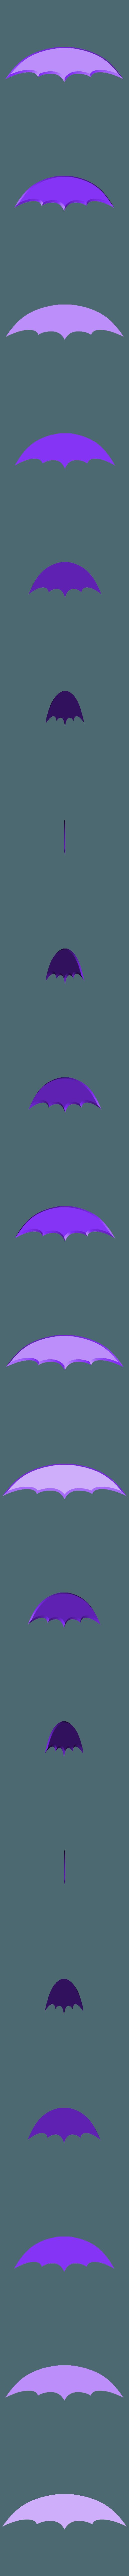 BTAS_BATARANG_HALF.stl Télécharger fichier STL gratuit BATARANG BTAS (ANIMÉ) • Objet pour impression 3D, jediSam